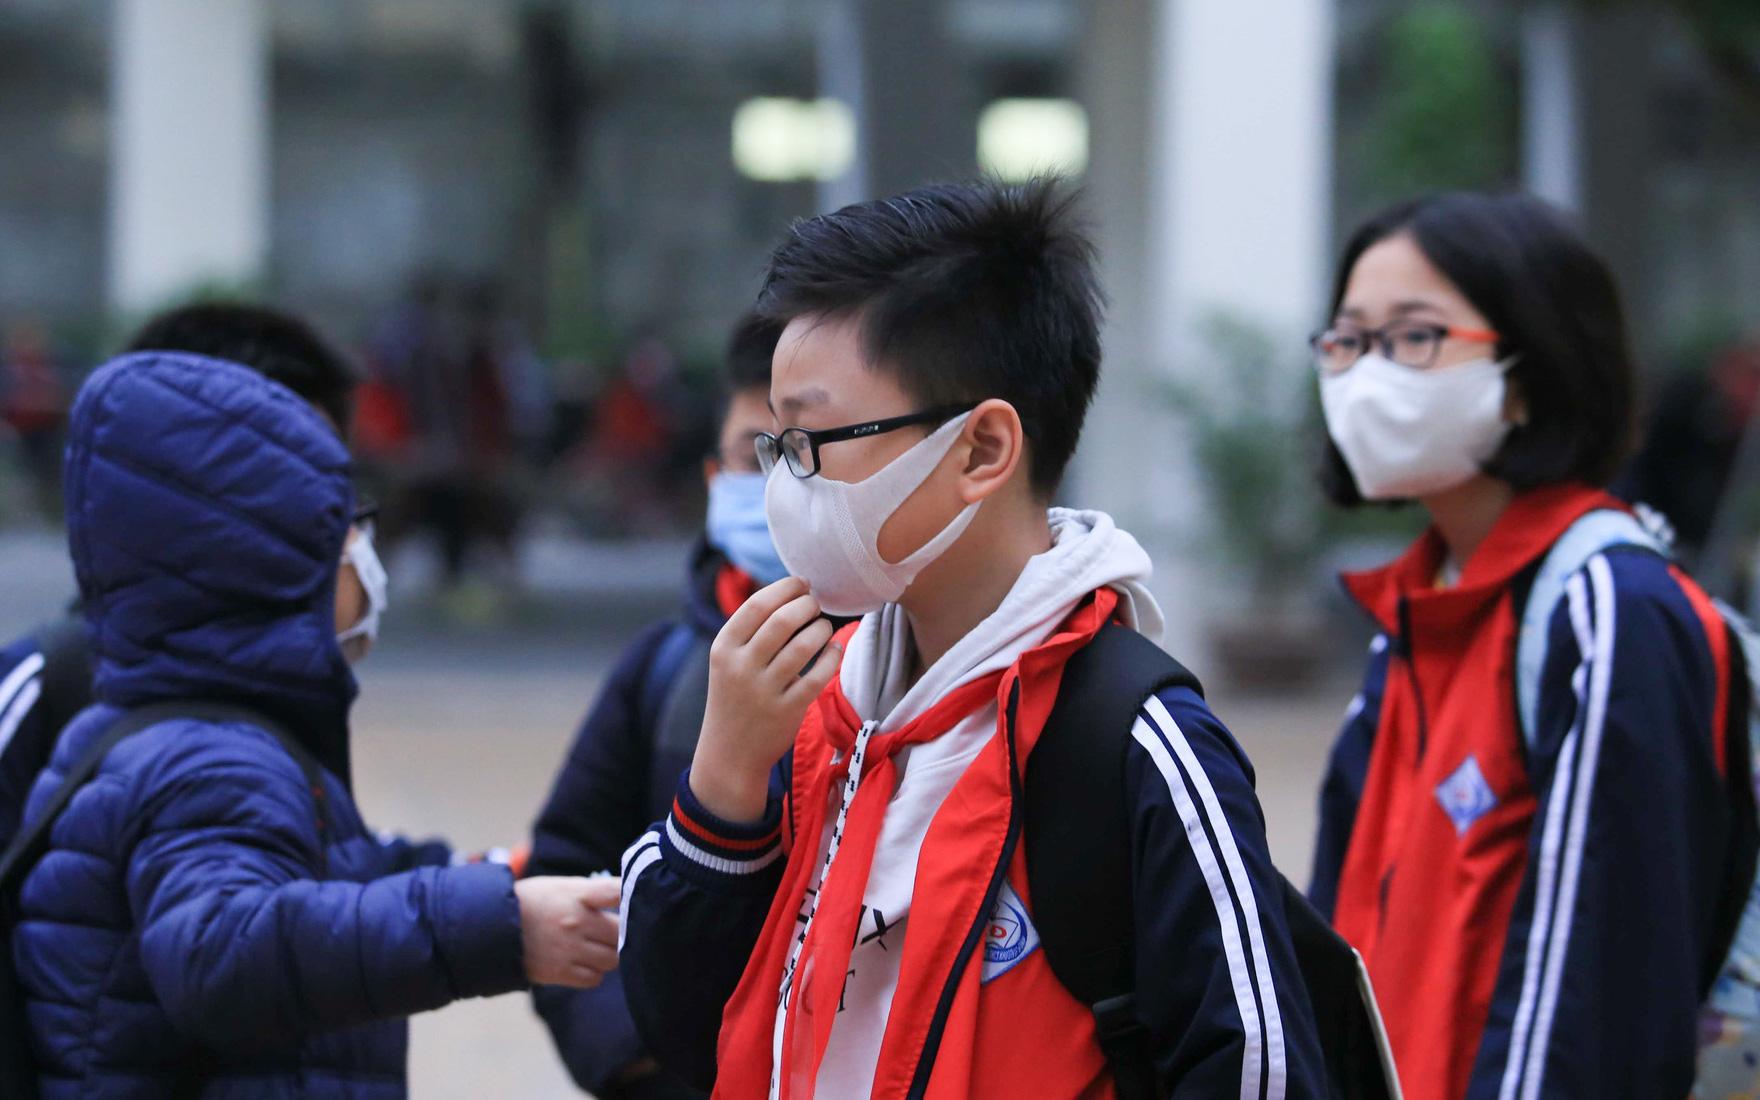 MỚI: Học sinh các cấp cả nước chính thức được nghỉ học, nhiều tỉnh thành chưa thông báo lịch đi học lại